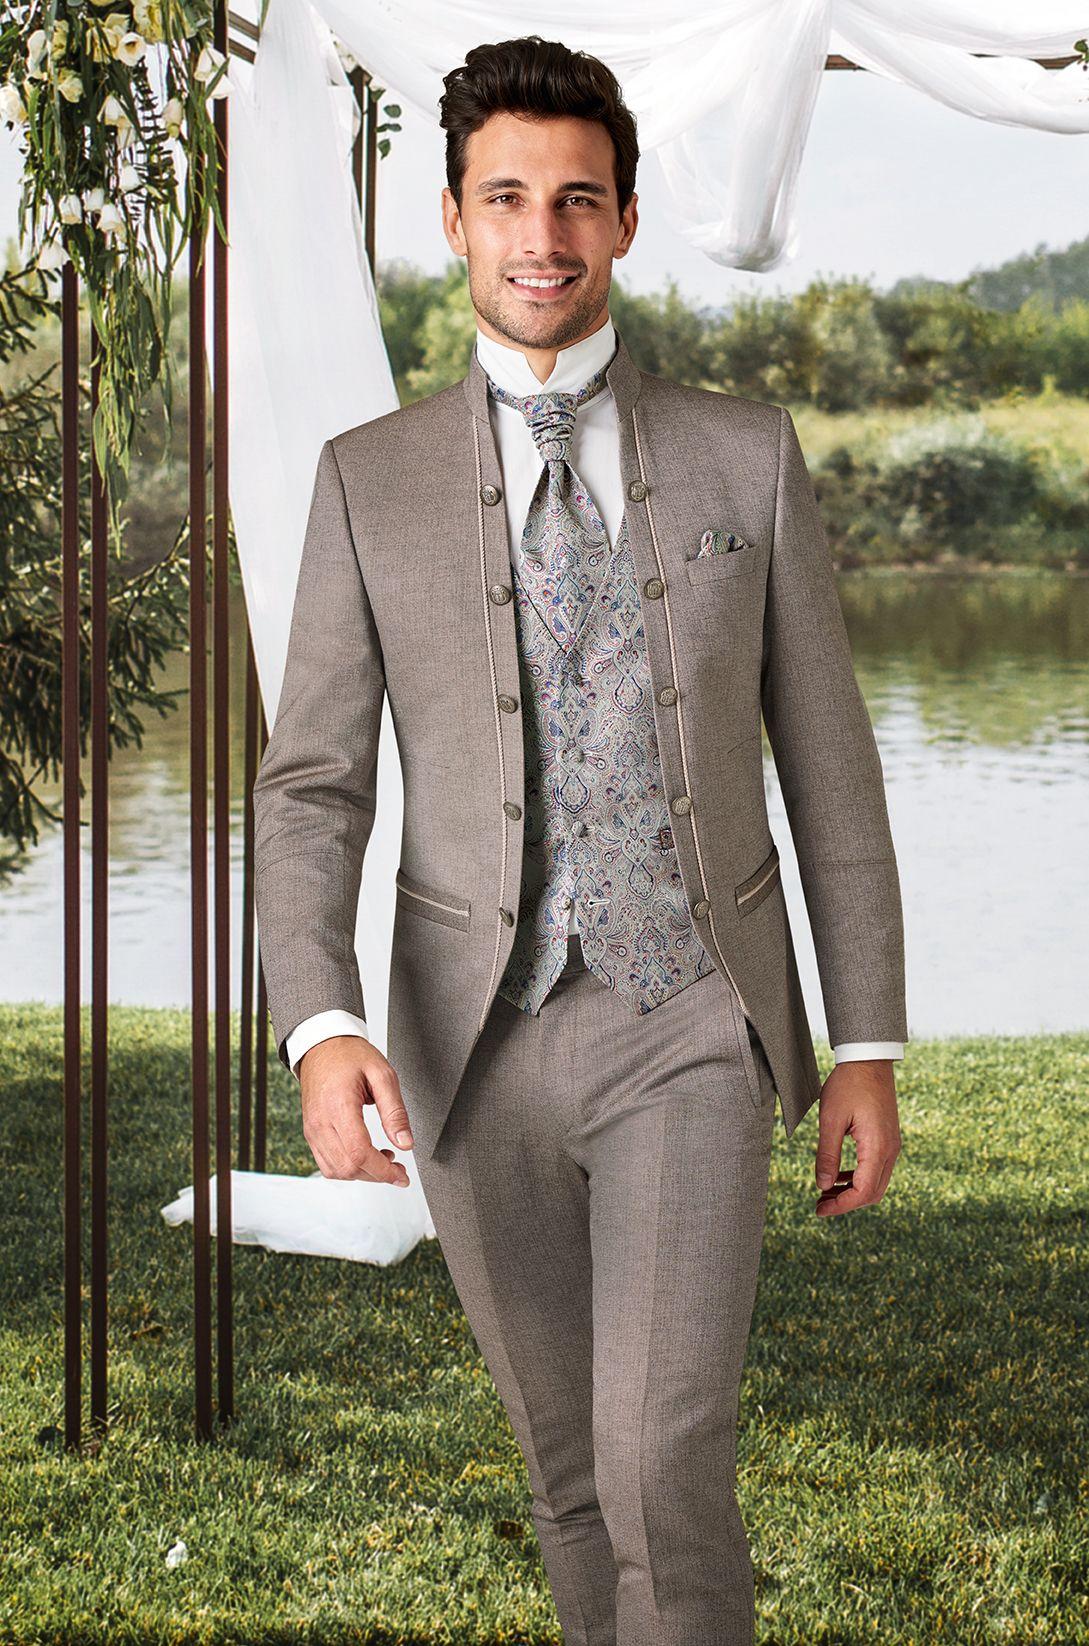 Die Neuen Royalen Tziacco Hochzeitsanzug Trends Sind Ab Dem 15 04 2019 Im Fachhandel Erhaltlich Mann Anzug Hochzeit Hochzeitsanzug Hochzeitsanzug Brautigam